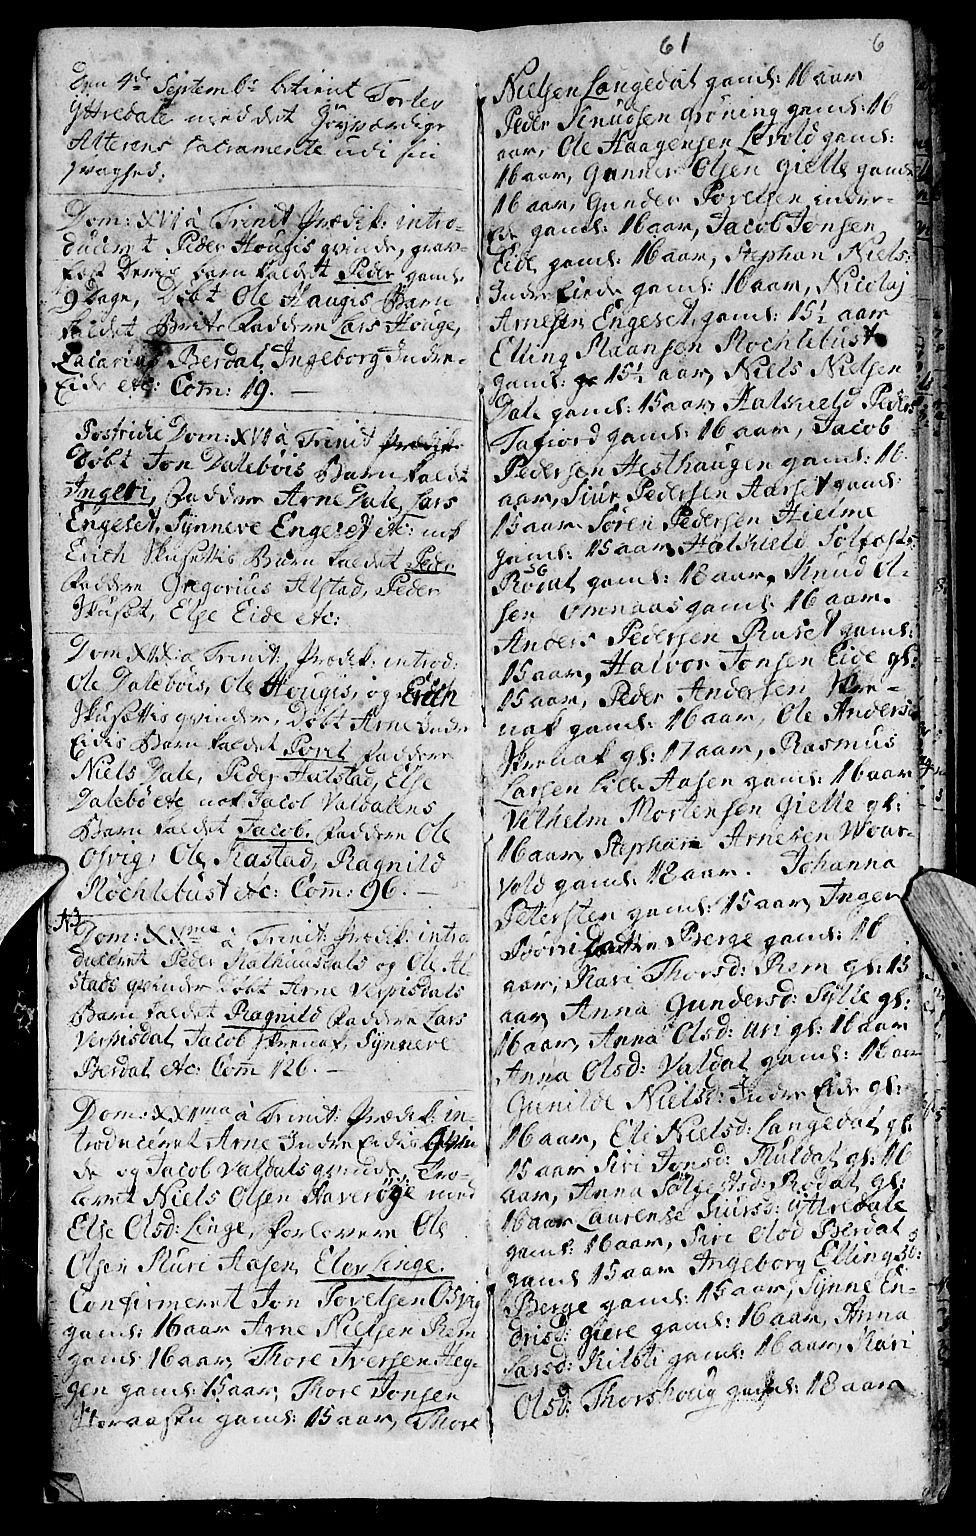 SAT, Ministerialprotokoller, klokkerbøker og fødselsregistre - Møre og Romsdal, 519/L0243: Ministerialbok nr. 519A02, 1760-1770, s. 5-6